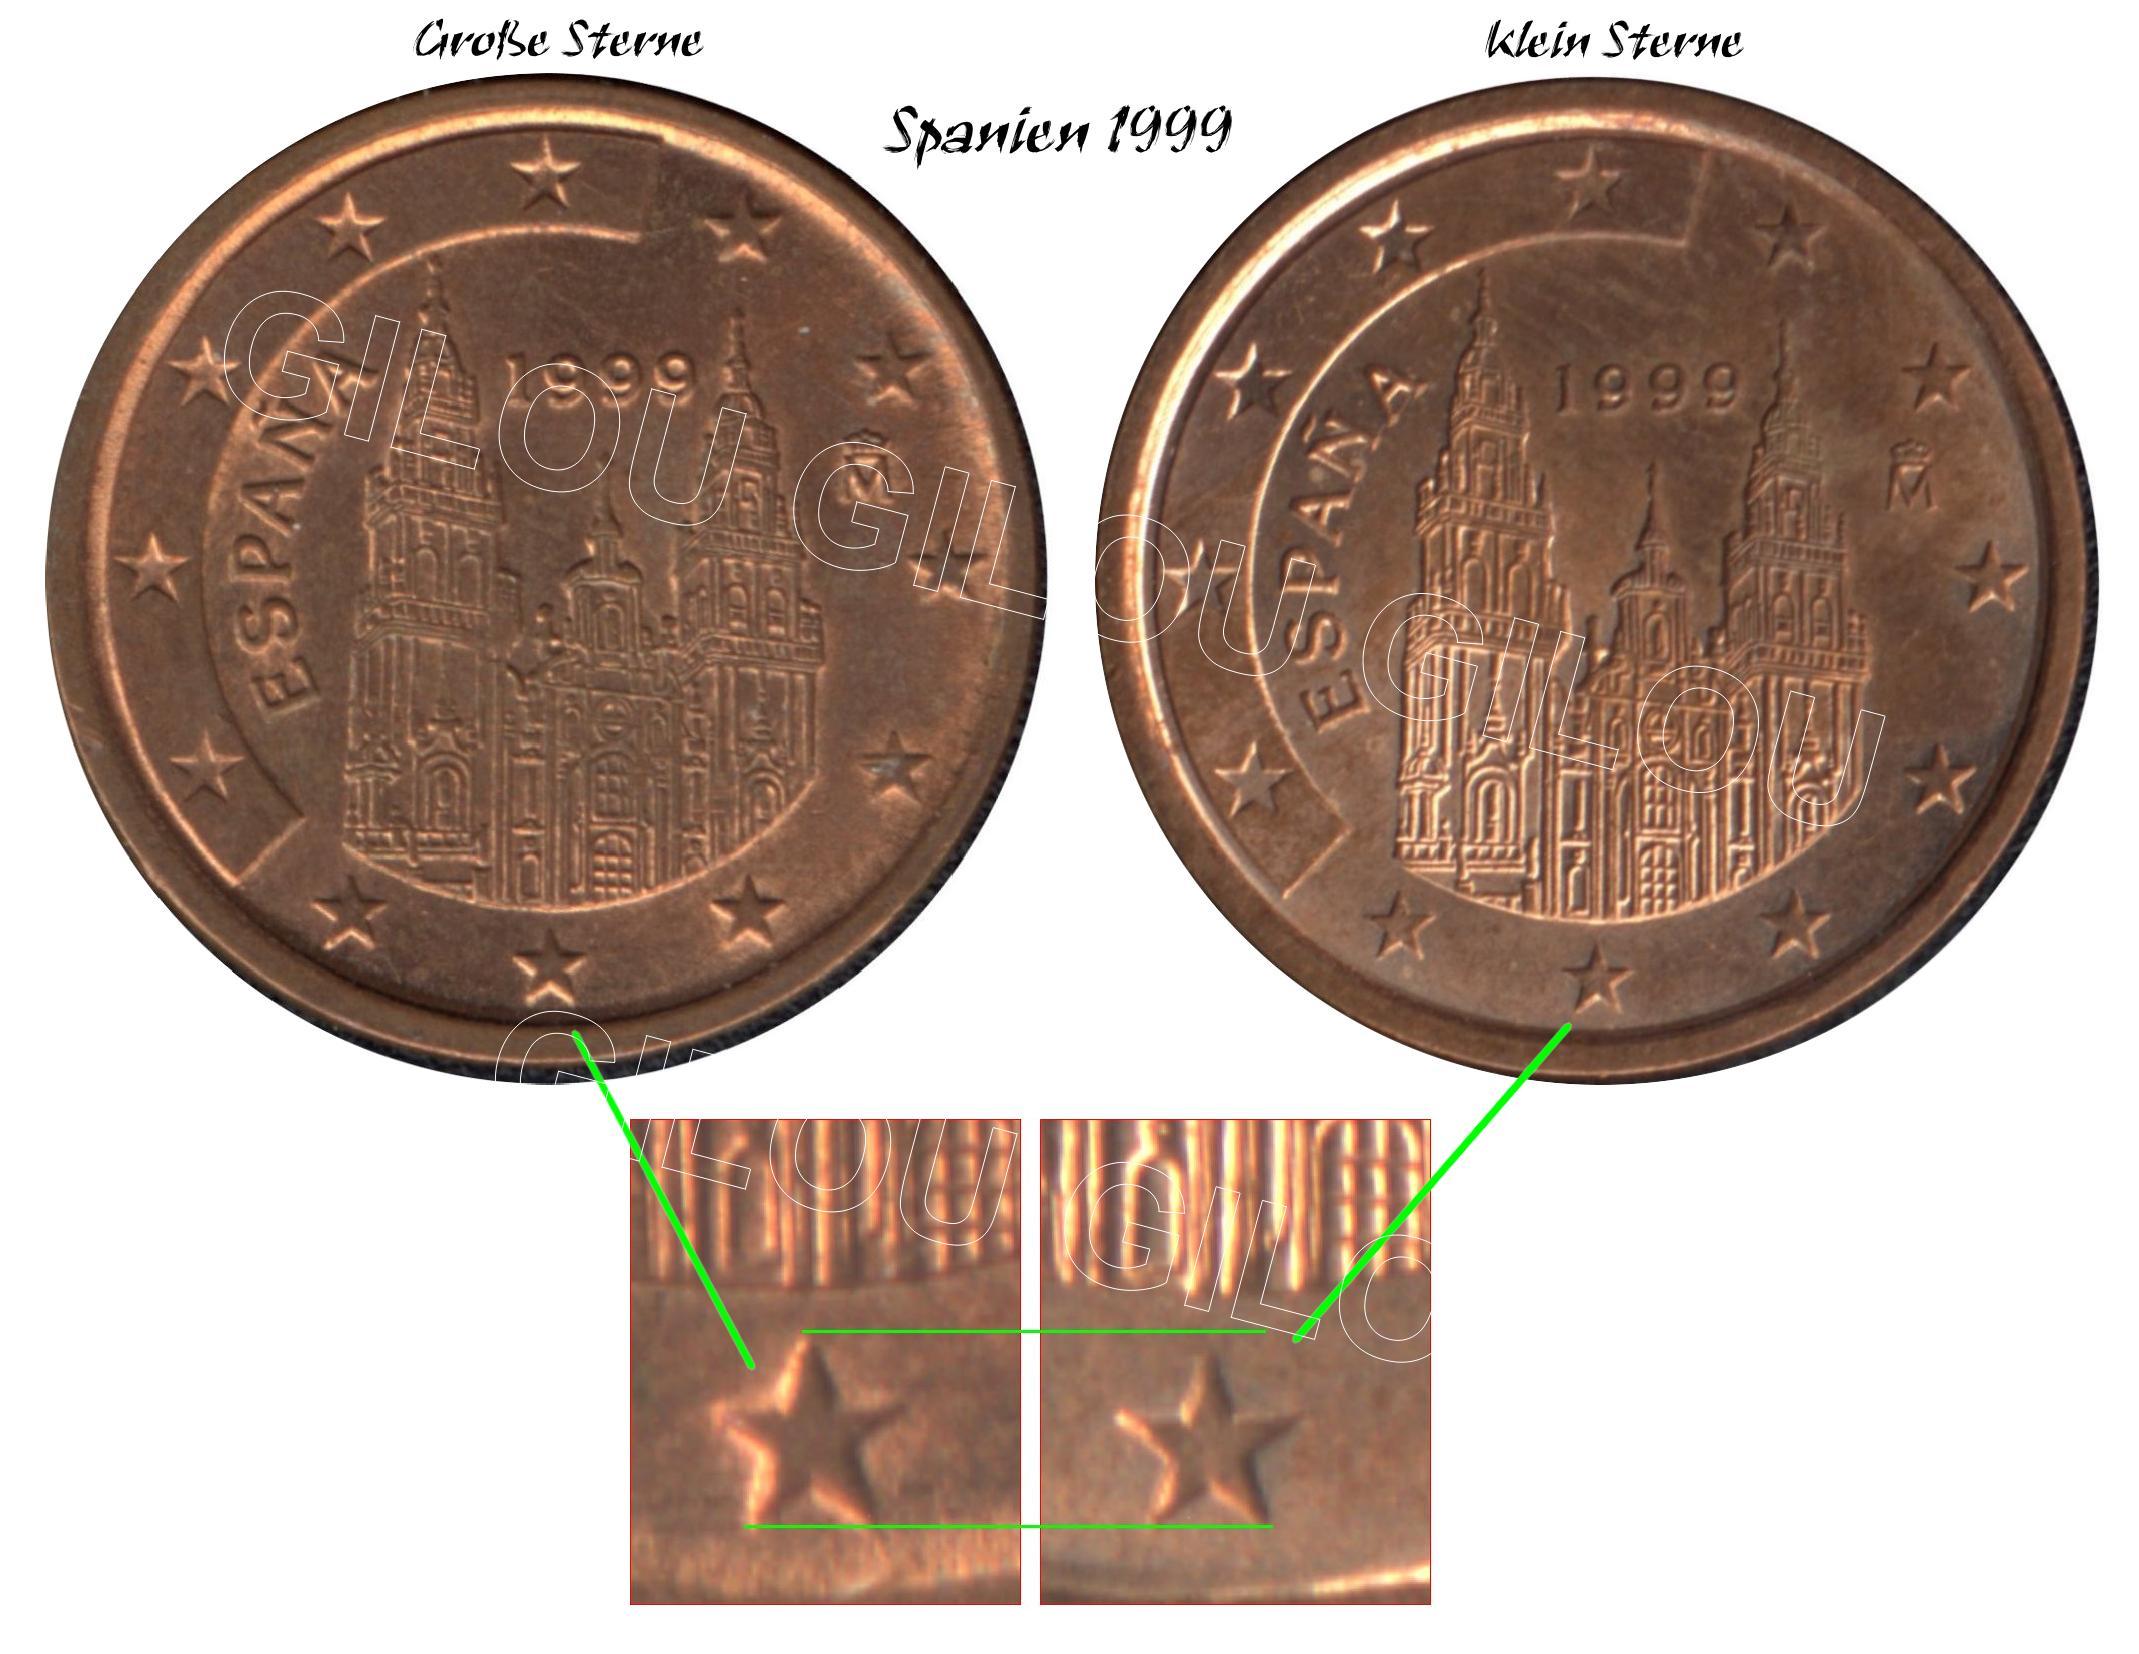 5 Cent Spanien Fehlprägung Oder Variante